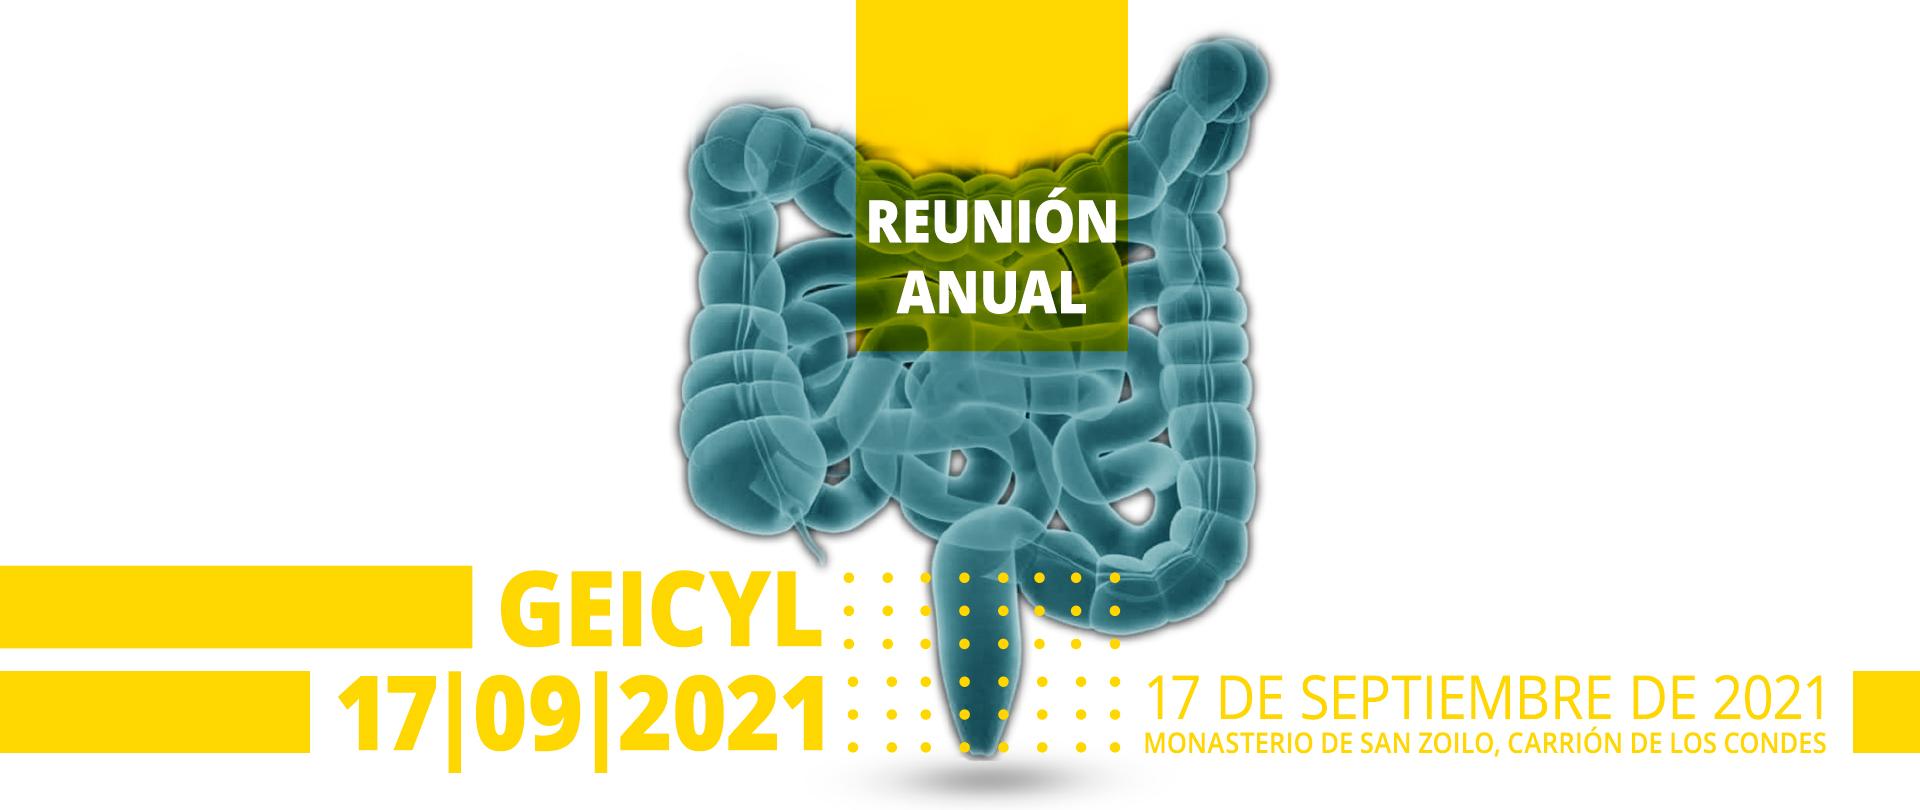 Reunión Anual Geicyl 2021